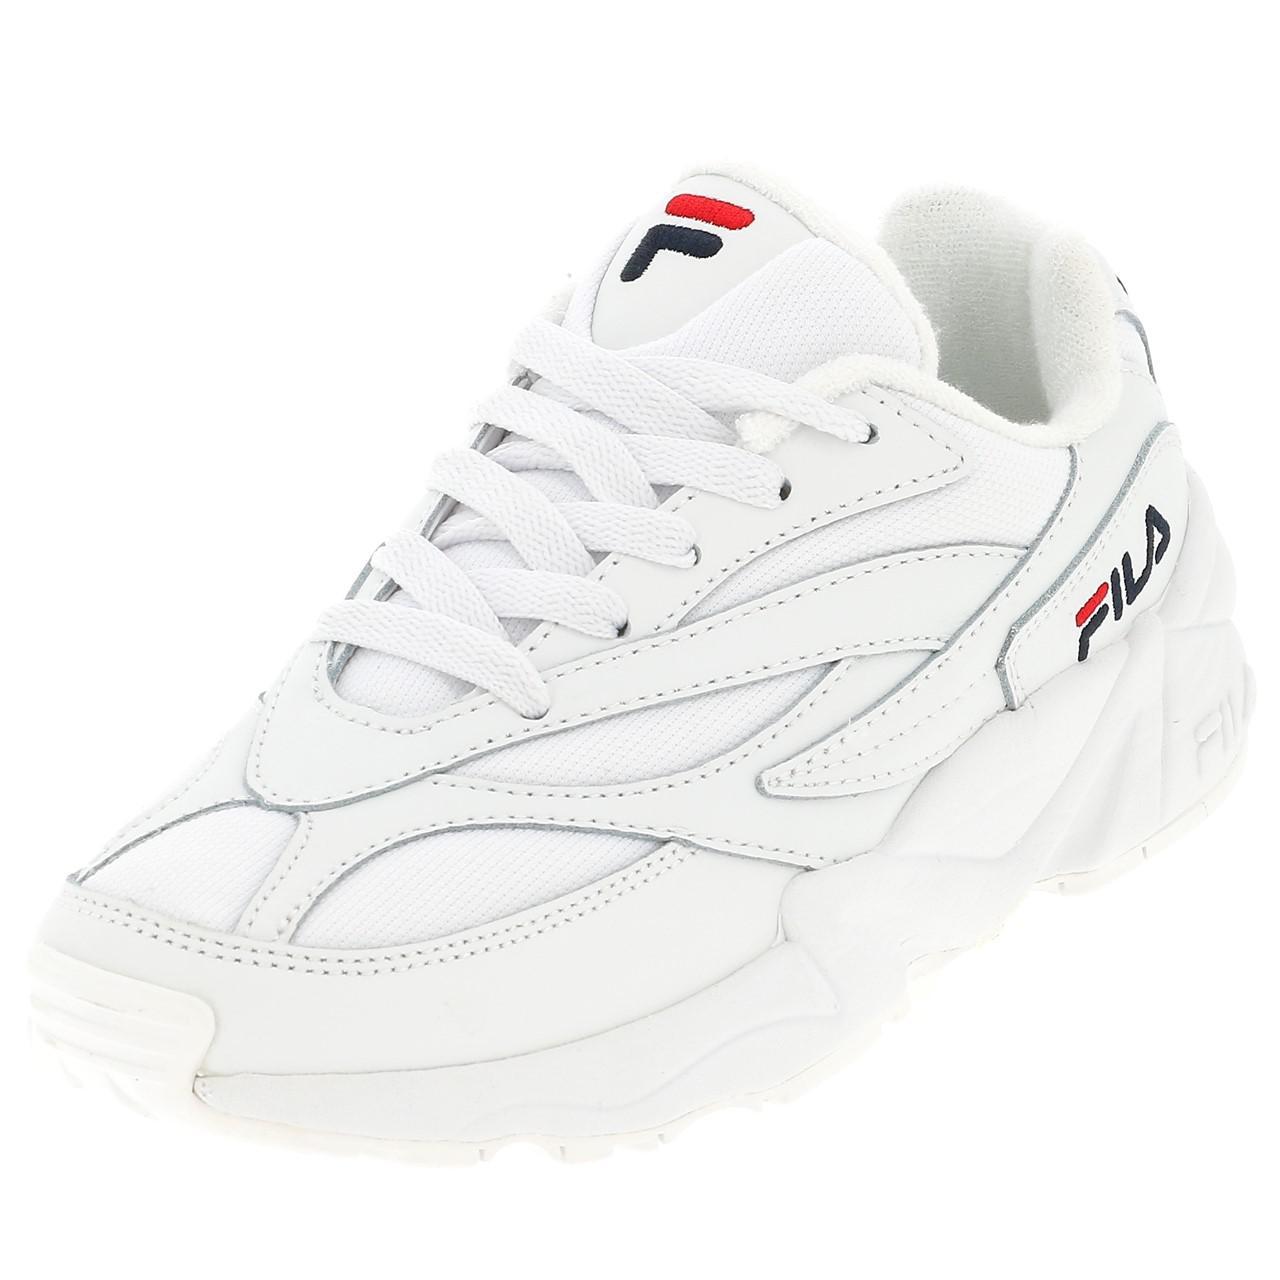 Détails sur Chaussures multisport Fila Venom low wnn blanc blc Blanc 43447 Neuf